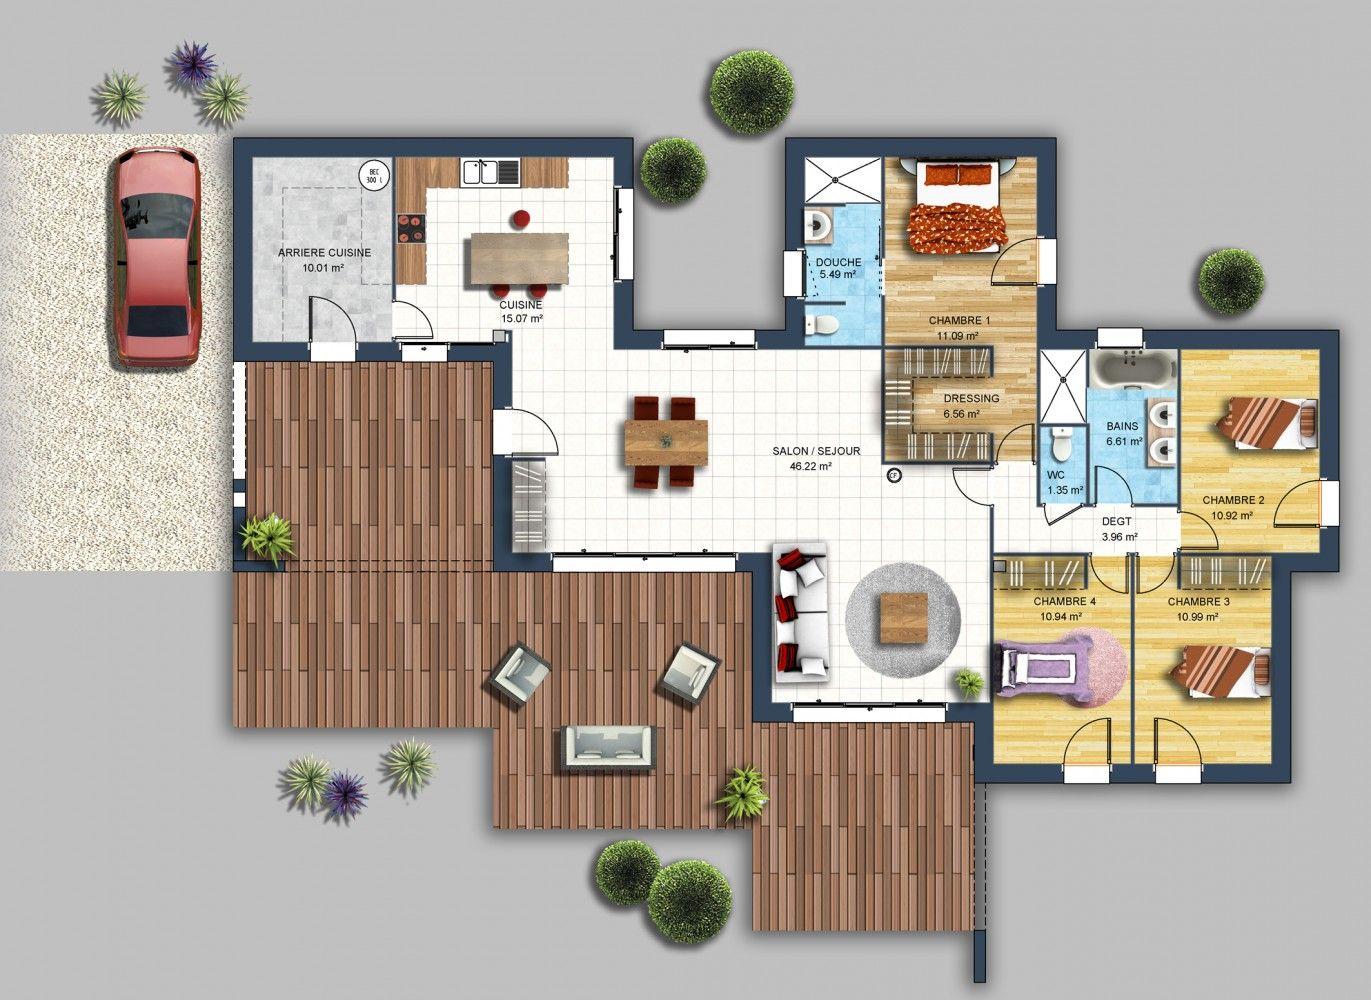 Maison moderne le cellier 44